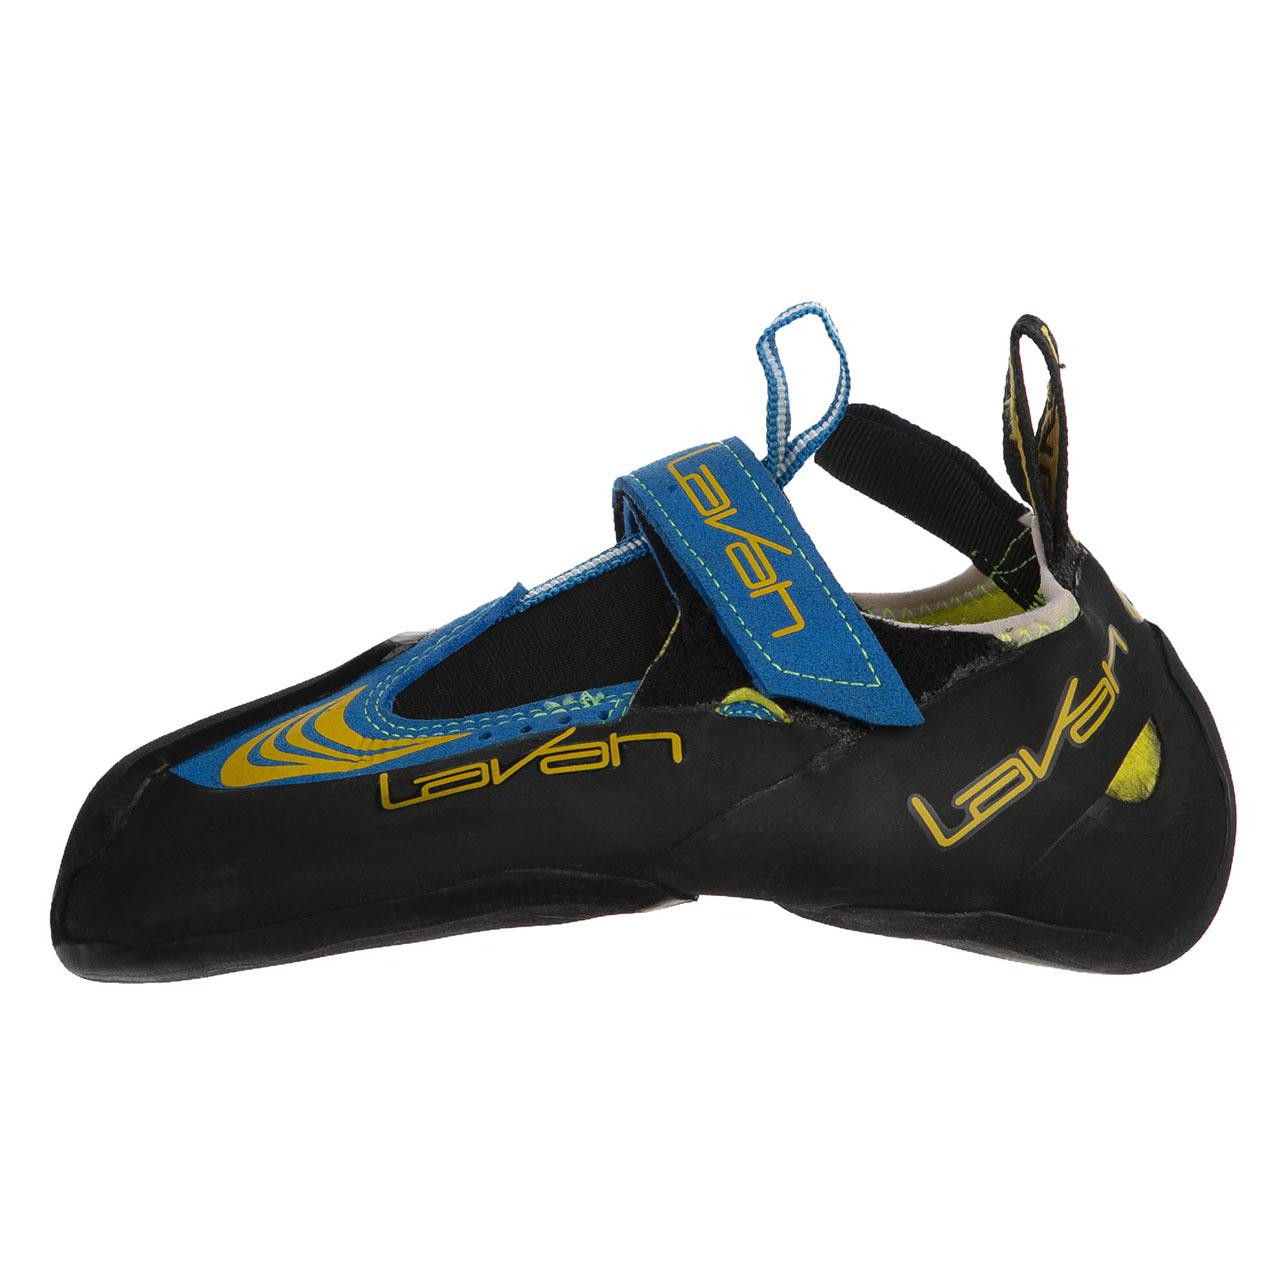 کفش سنگنوردی لاوان مدل روولوشن